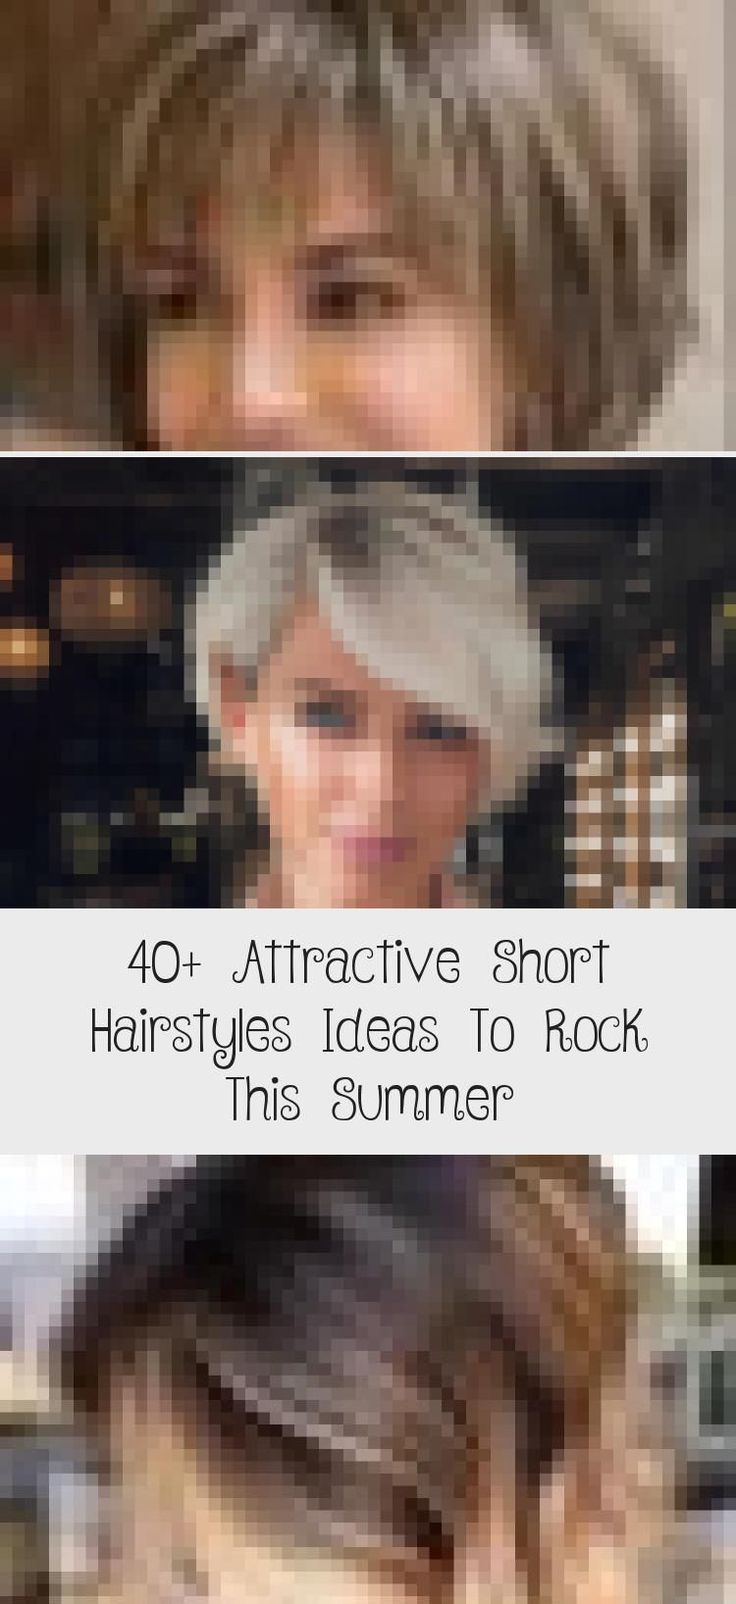 40+ attraktive Ideen für kurze Frisuren, um diesen Sommer zu rocken - Frisur - #attraktive #diesen #frisuren #ideen #kurze #rocken #sommer - #new